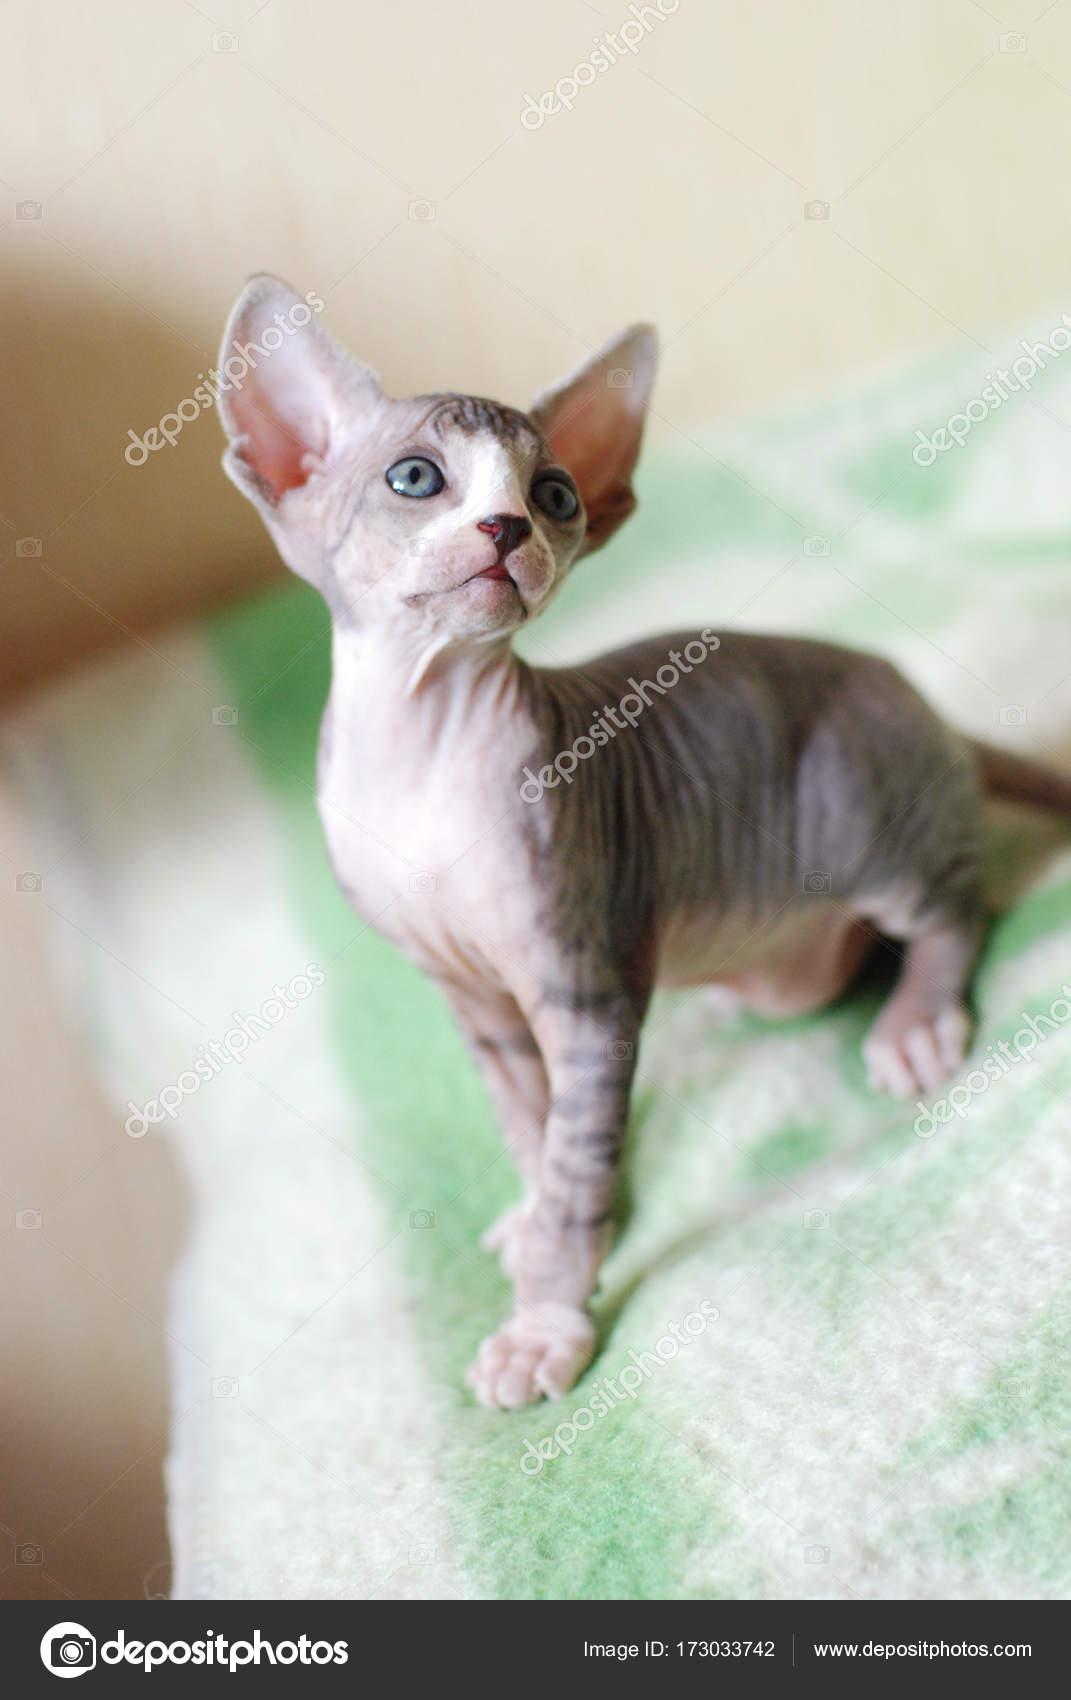 fotky zdarma nahé kočičky